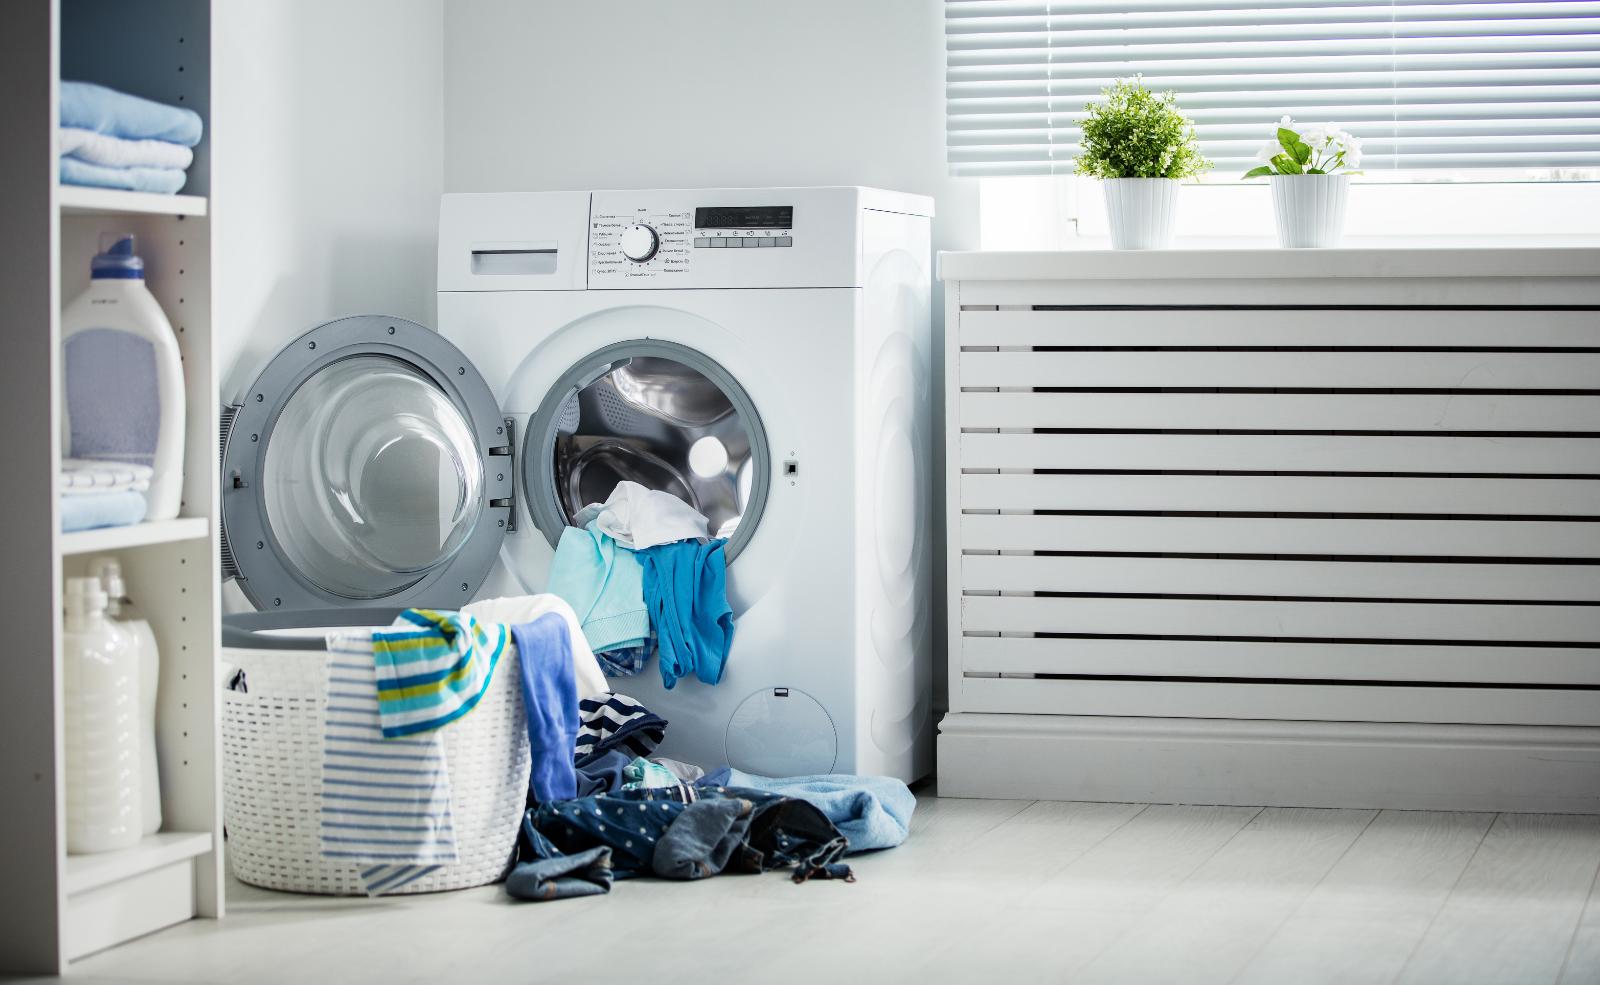 Waschmaschine zieht kein Wasser - Was tun?